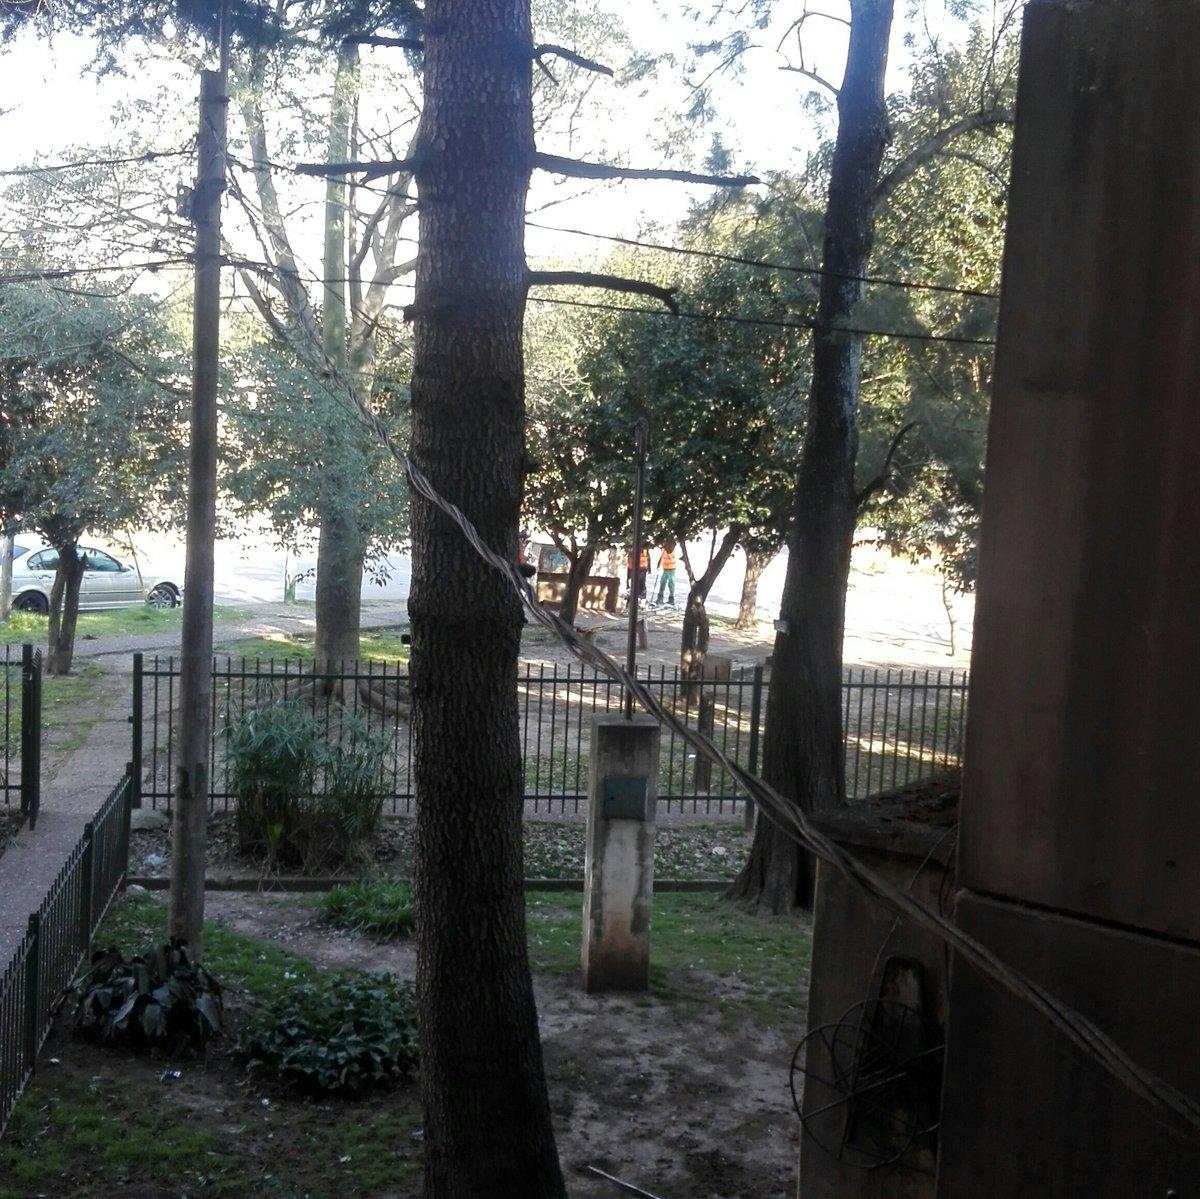 Hace 30 años que vivo en Don Orione. Es la primera vez que veo al municipio limpiando los basureros que no están en la av. Eva Perón. Gracias @CascallaresPJ https://t.co/CXa4MspGxs